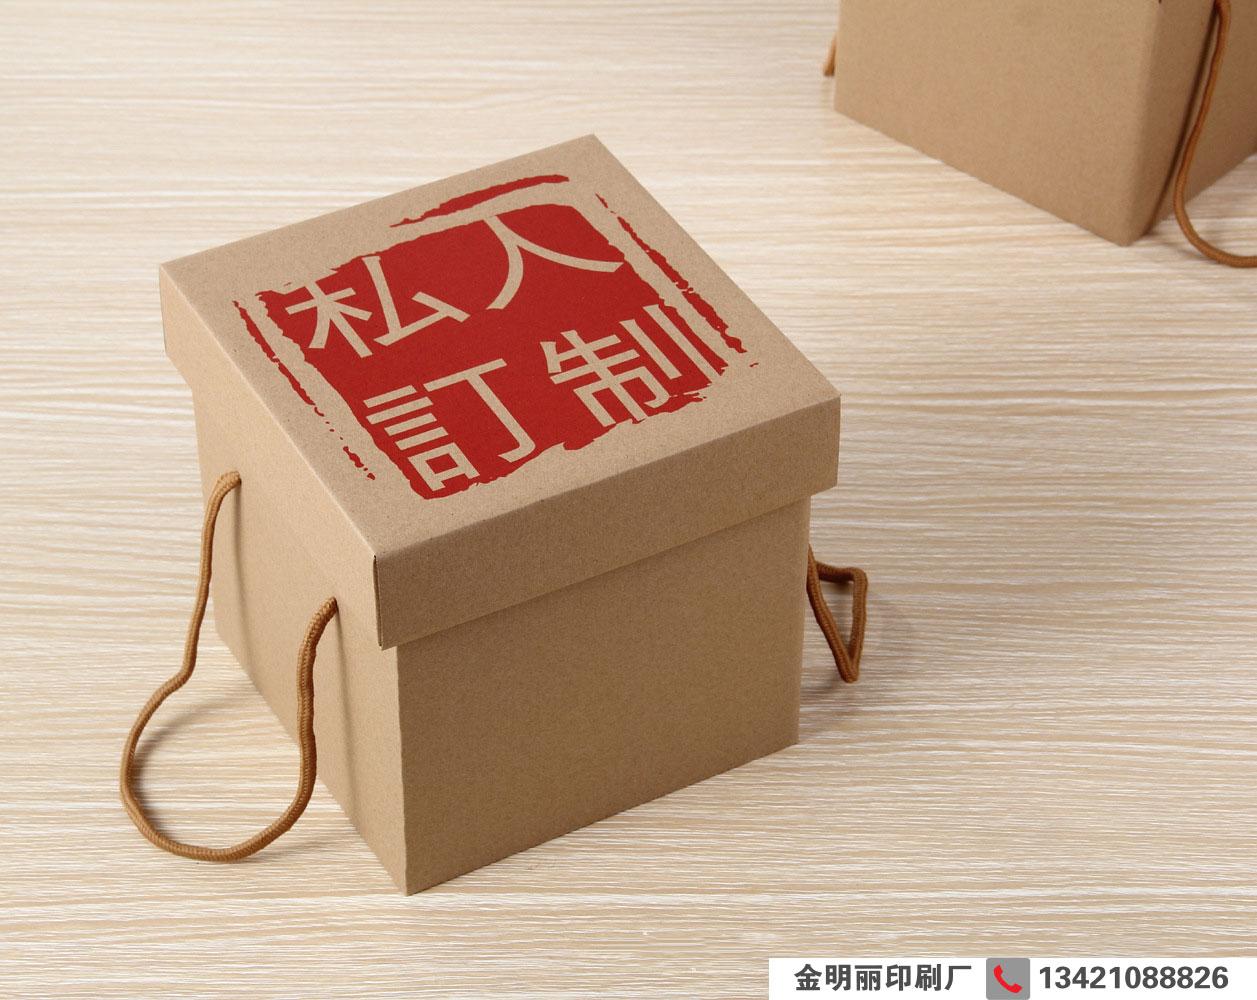 纸箱厂家批发私人定制礼盒 牛皮卡手提礼品包装盒